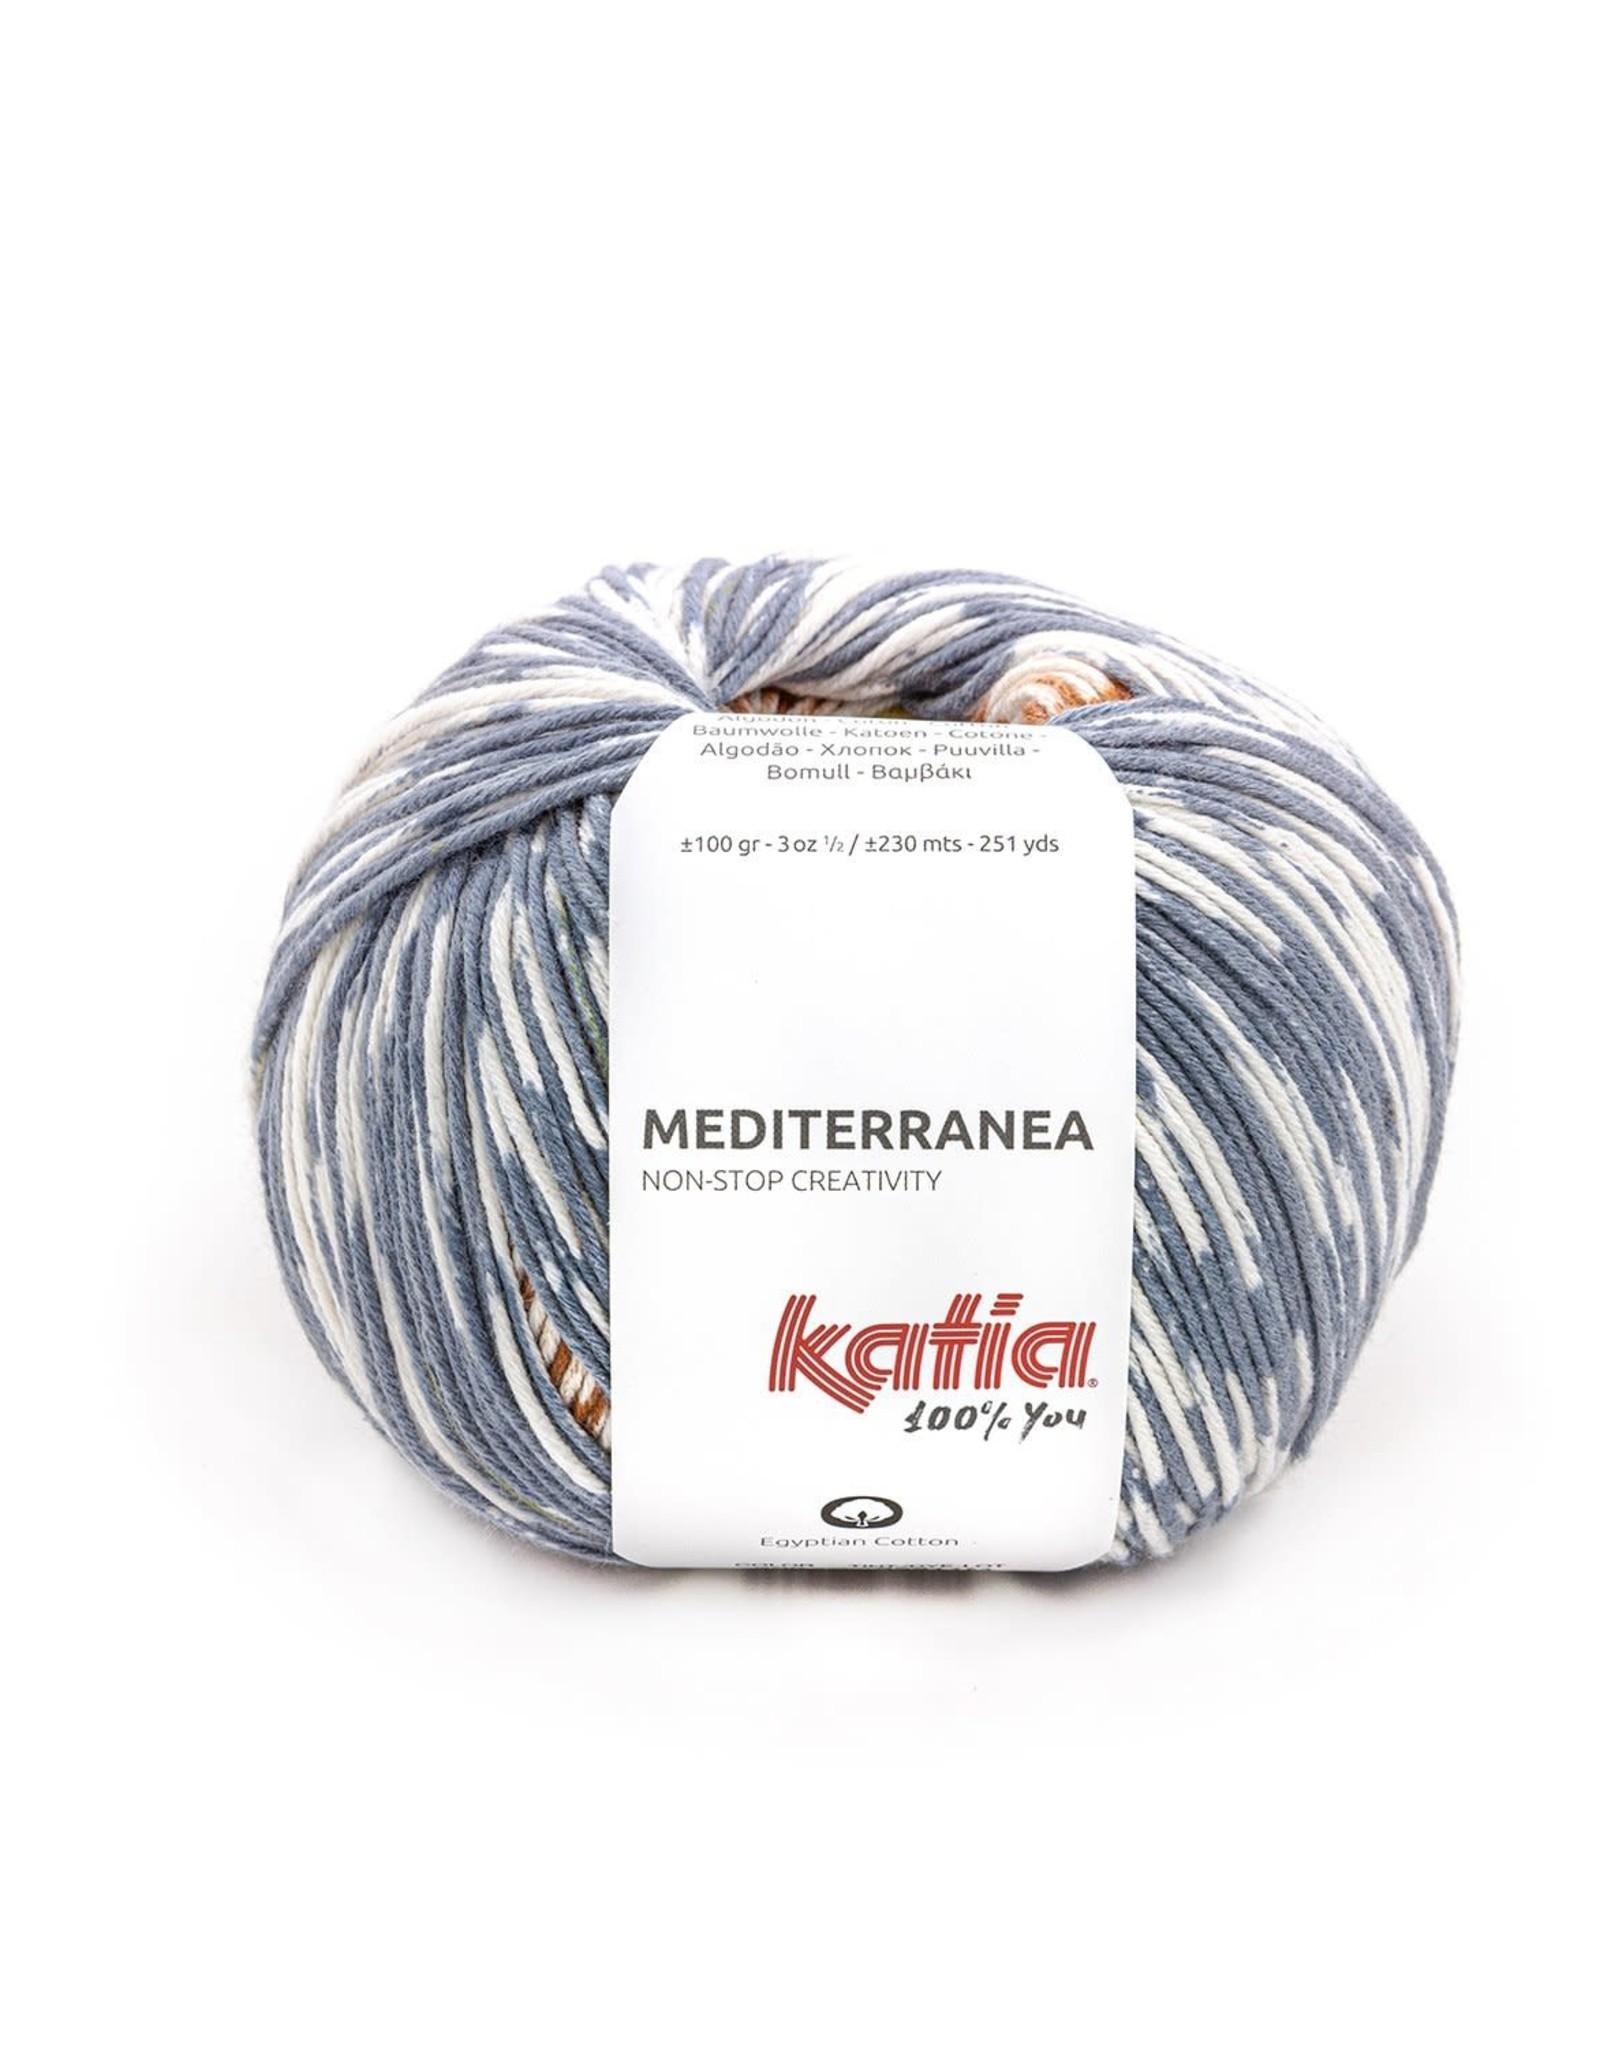 Katia Katia  Mediterranea 305 - Jeans-Roestbruin-Oker